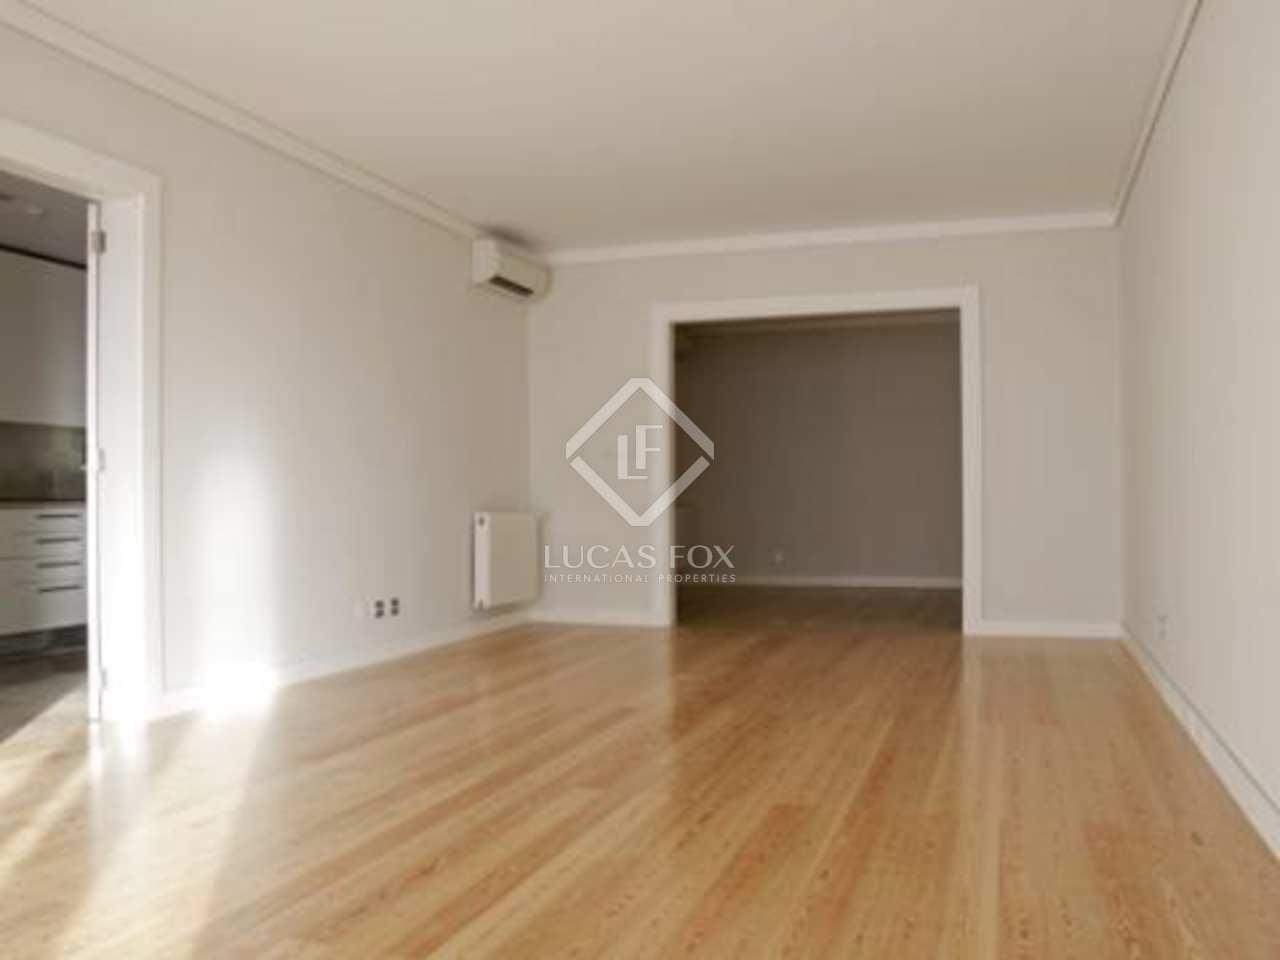 222m wohnung zum verkauf in lissabon stadt portugal. Black Bedroom Furniture Sets. Home Design Ideas